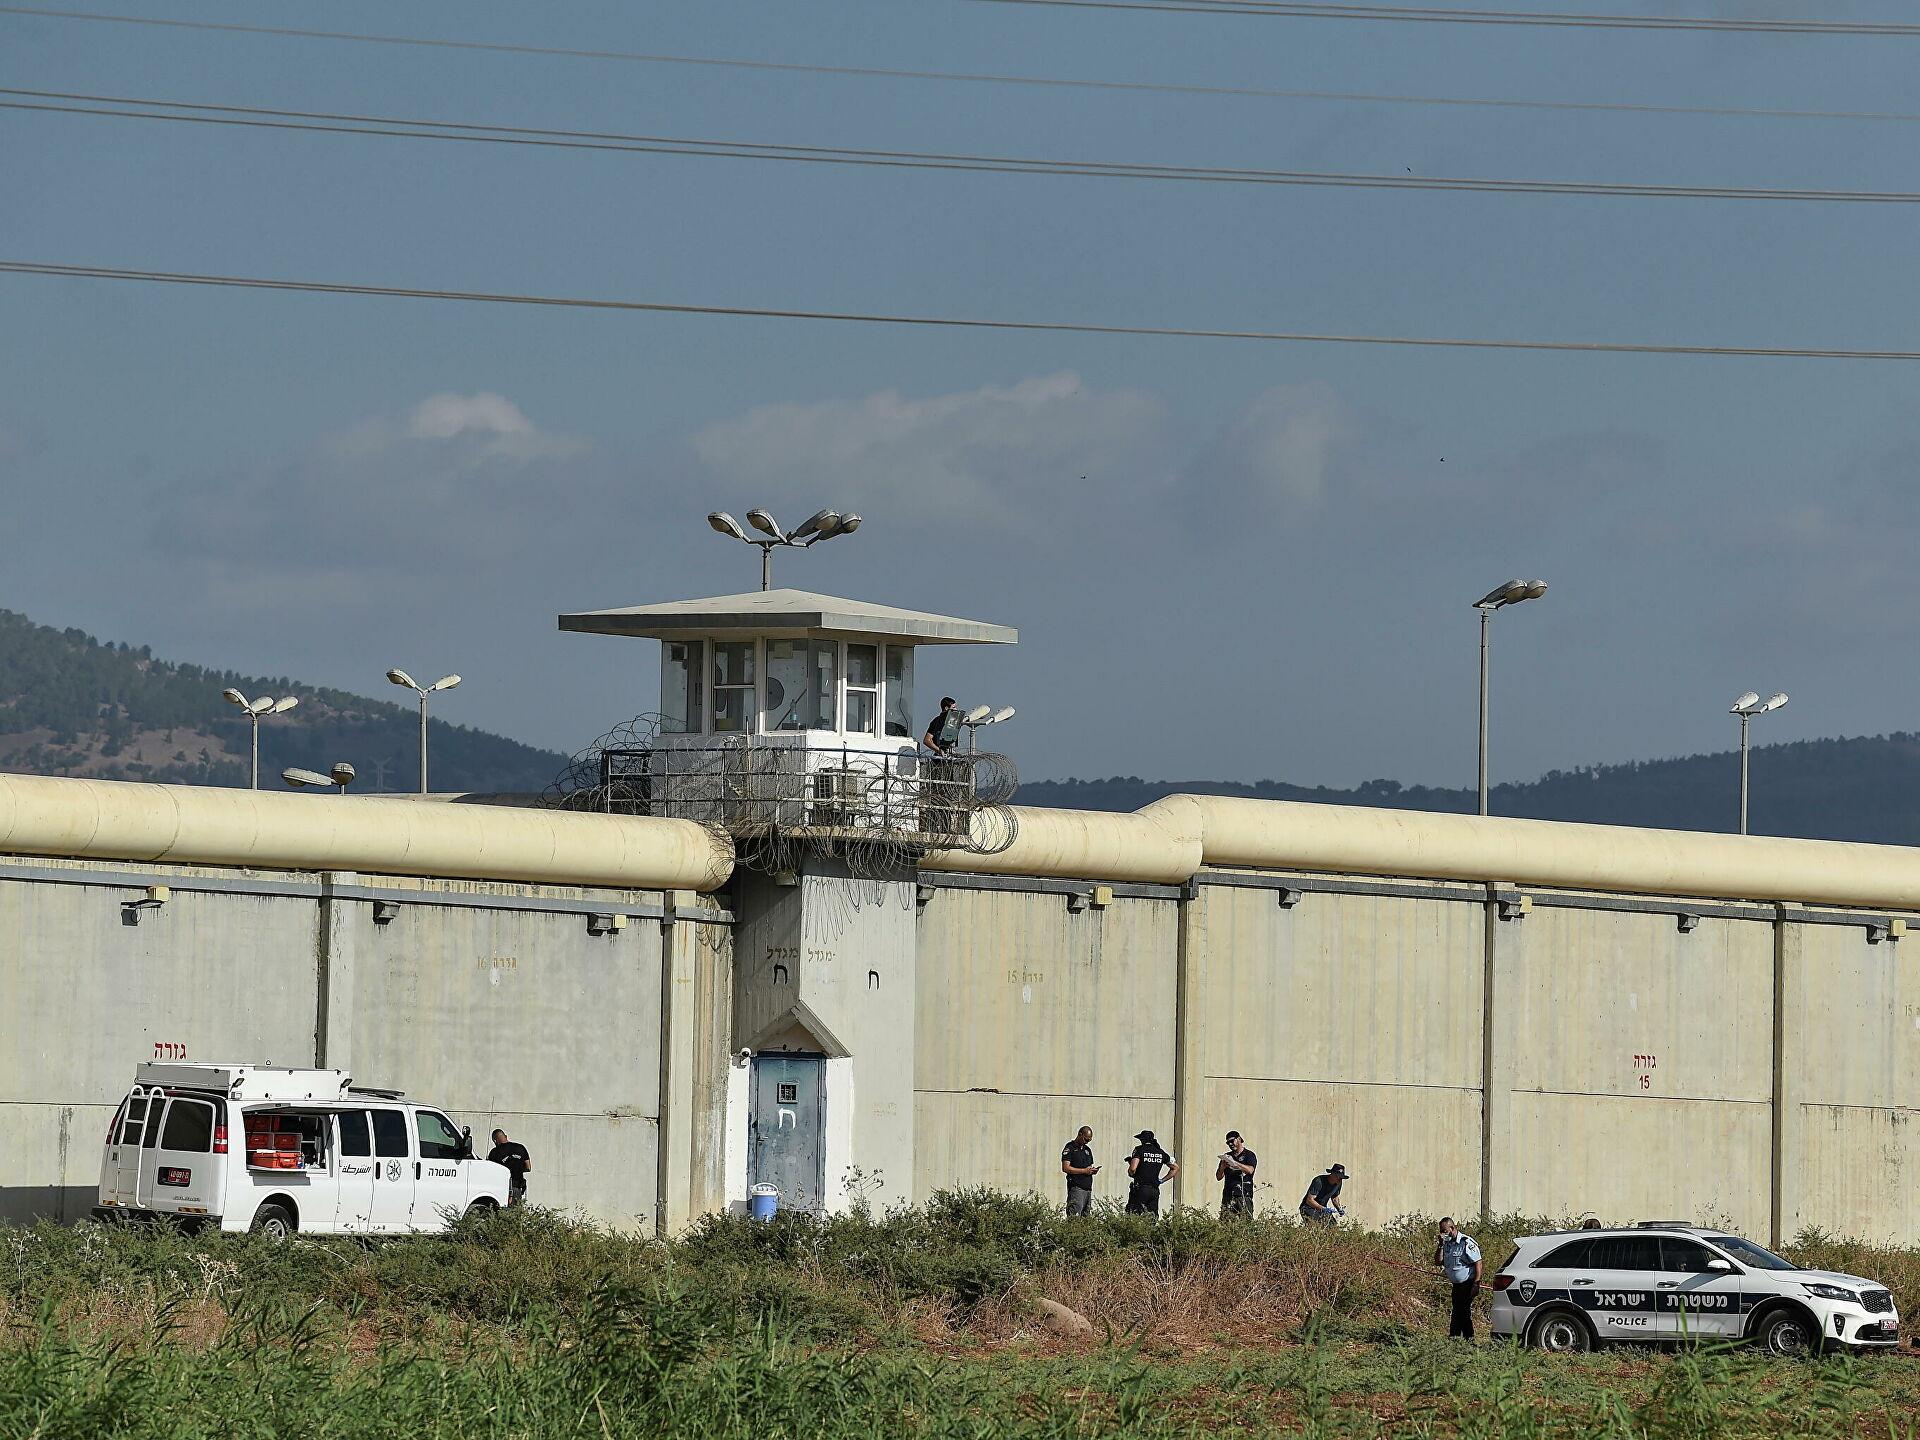 Mahkumları Kaçıran İsrail Baskıyı Arttırıyor